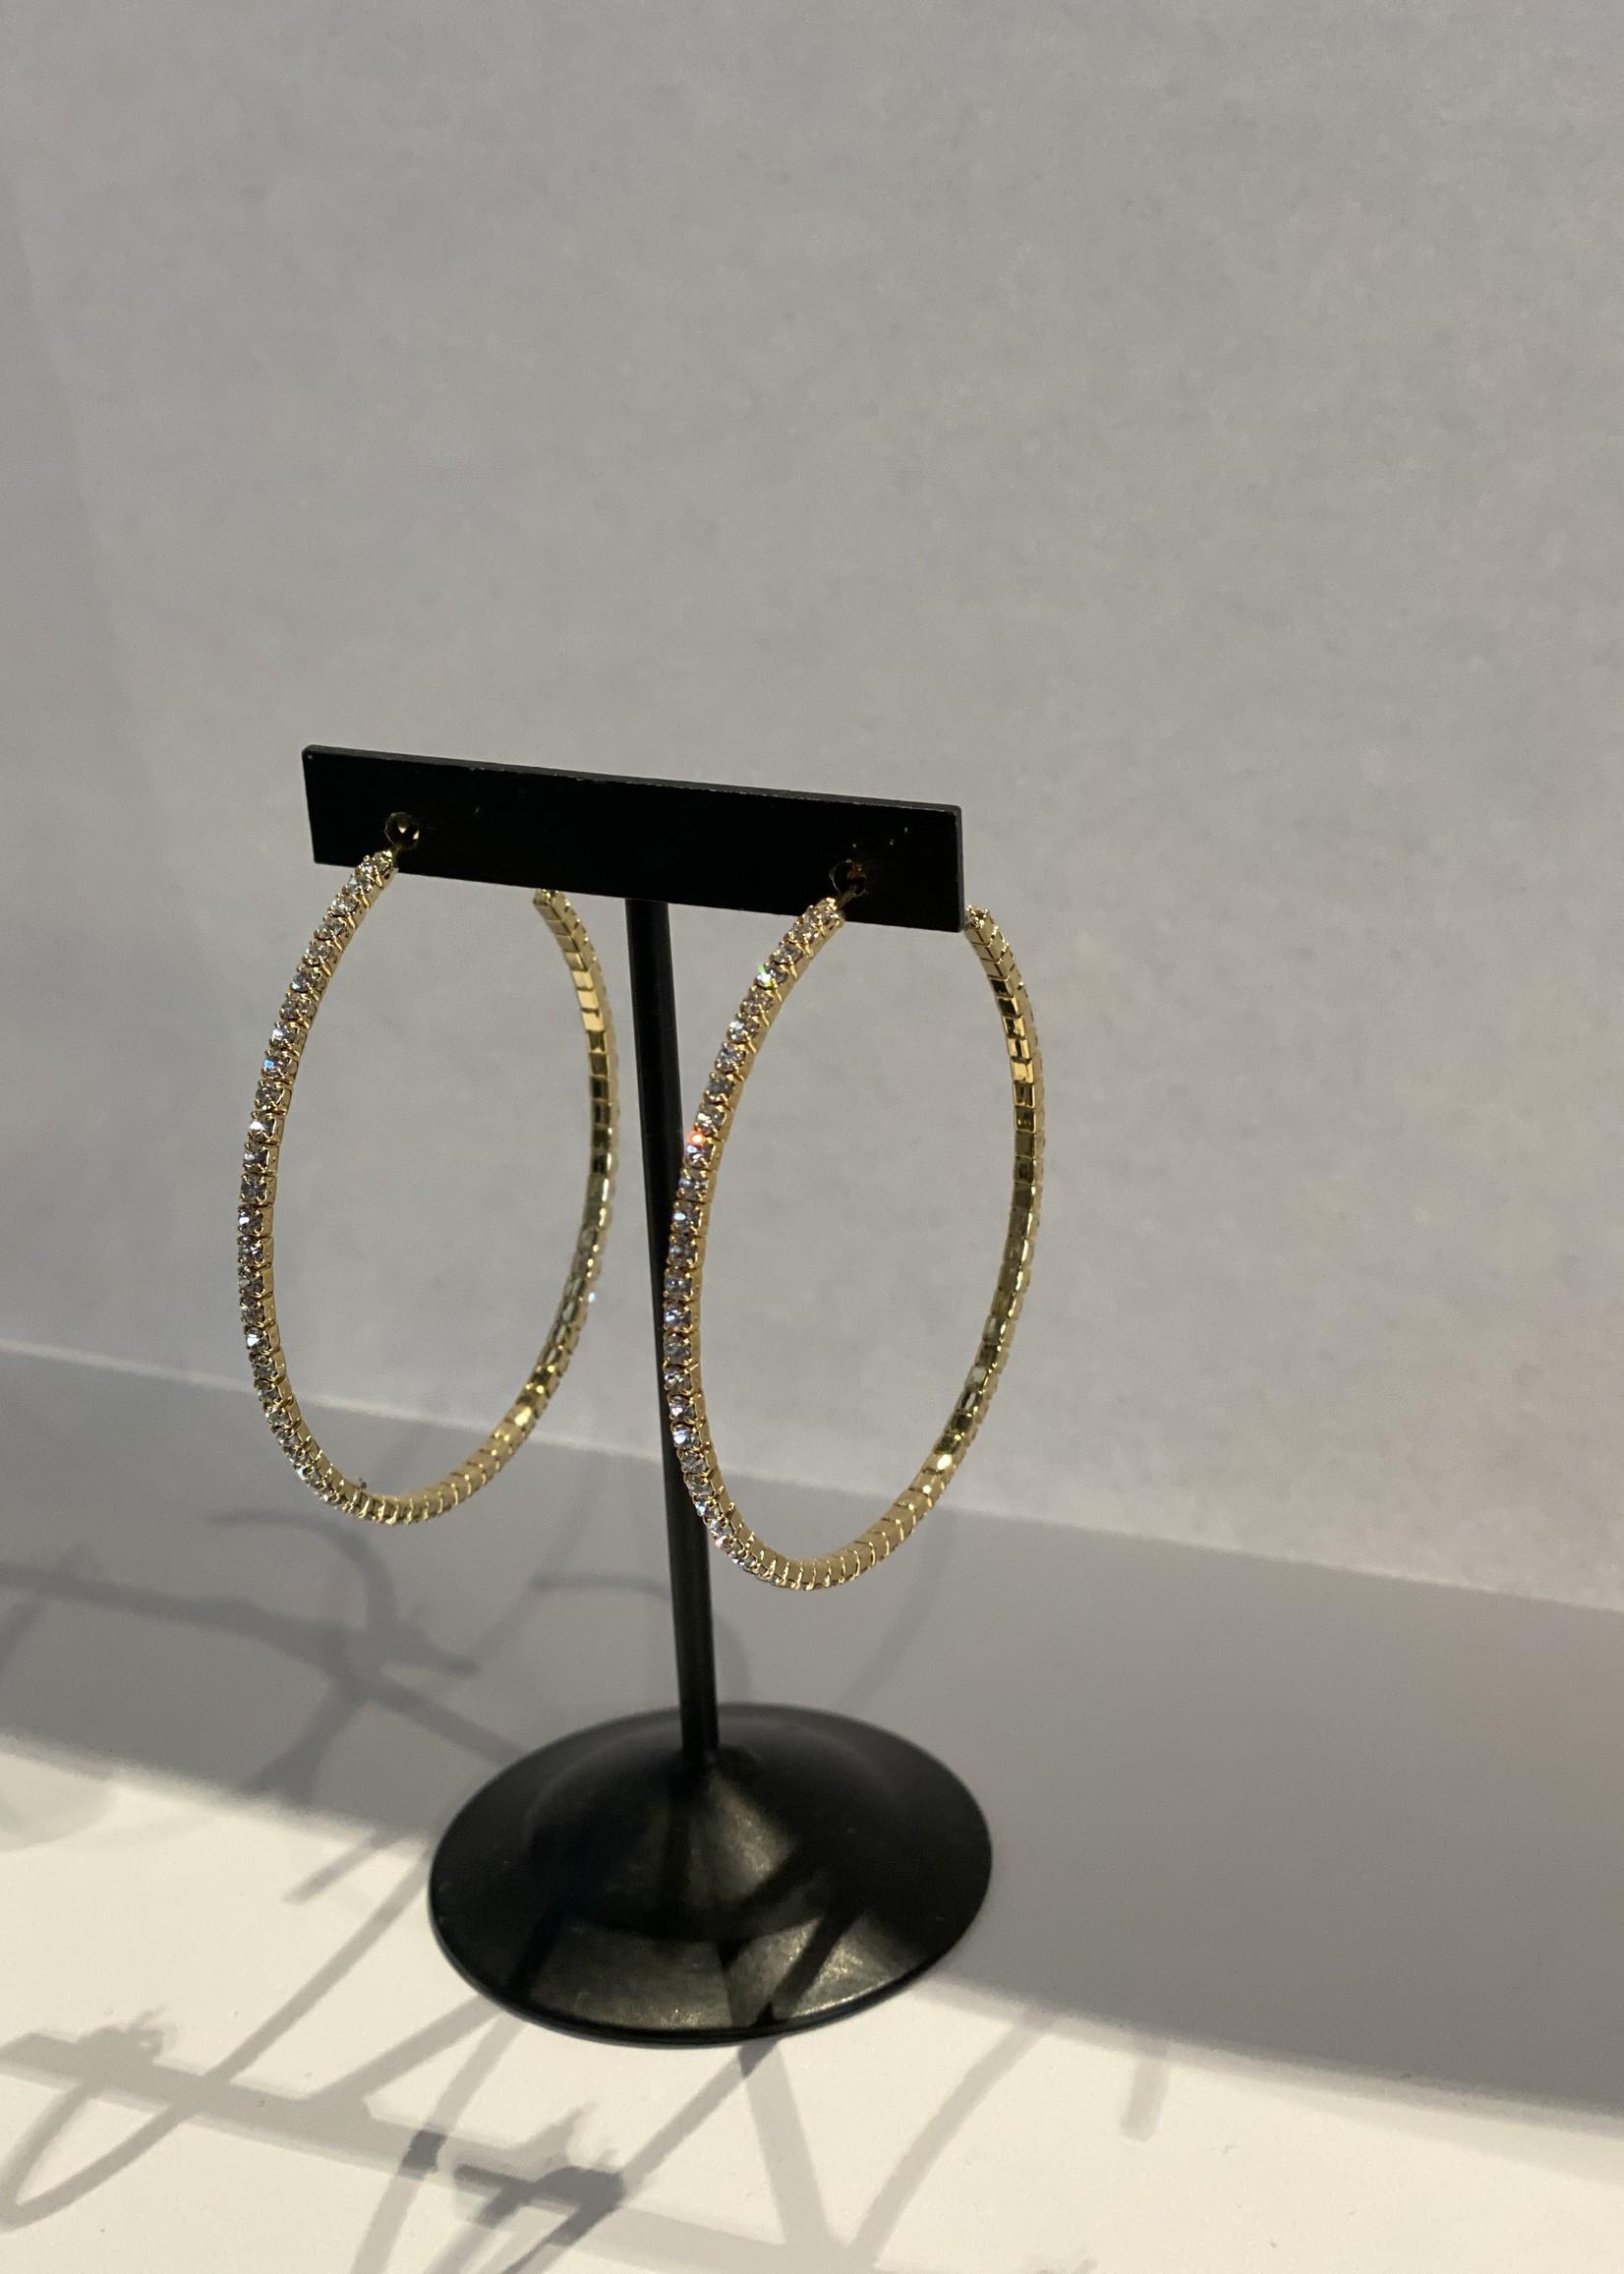 Medium bendable hoop